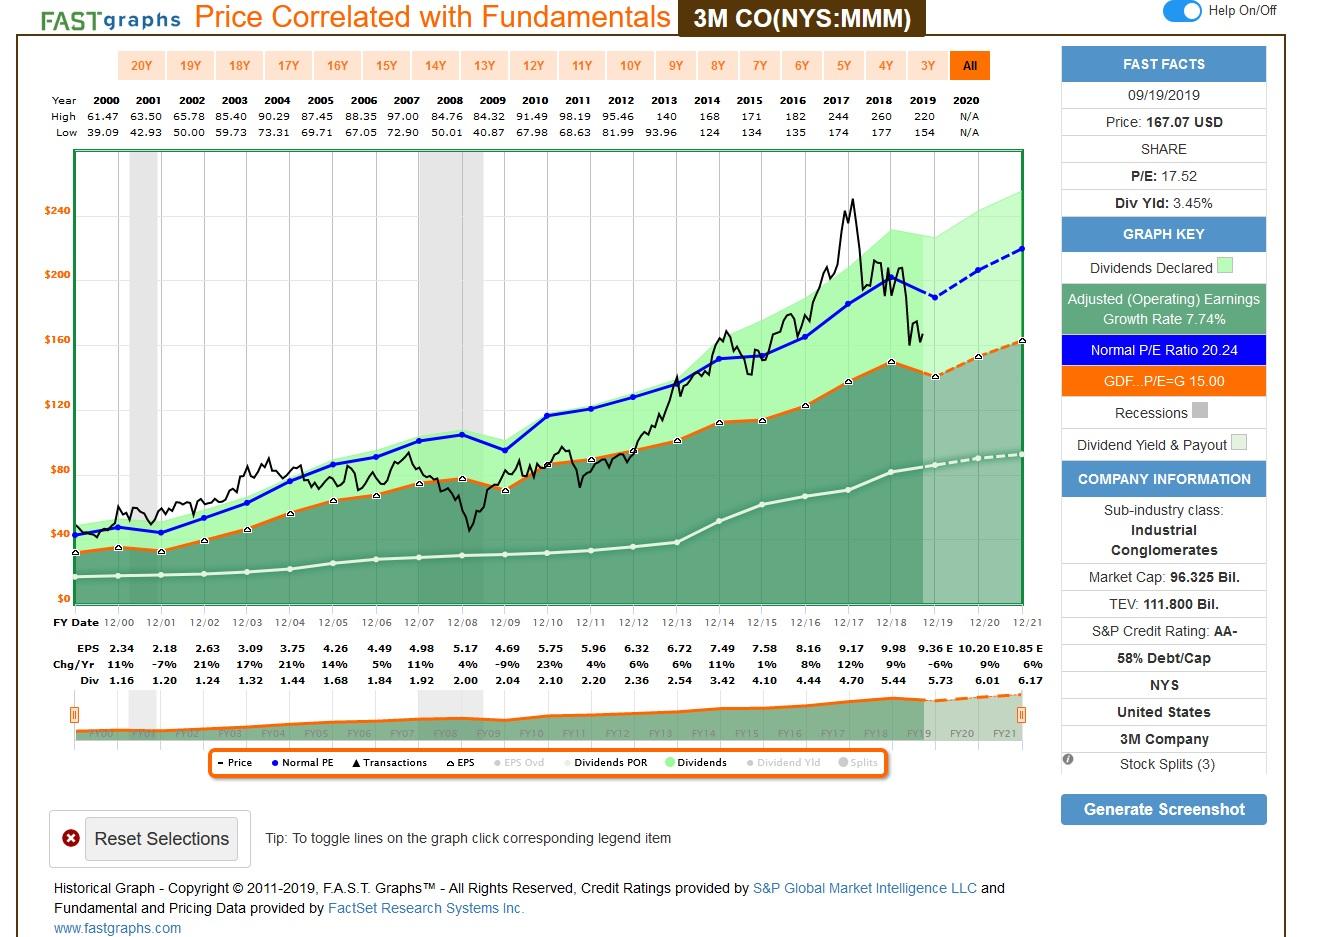 FASTgraphs despre datele fundamentale ale companiei 3M.